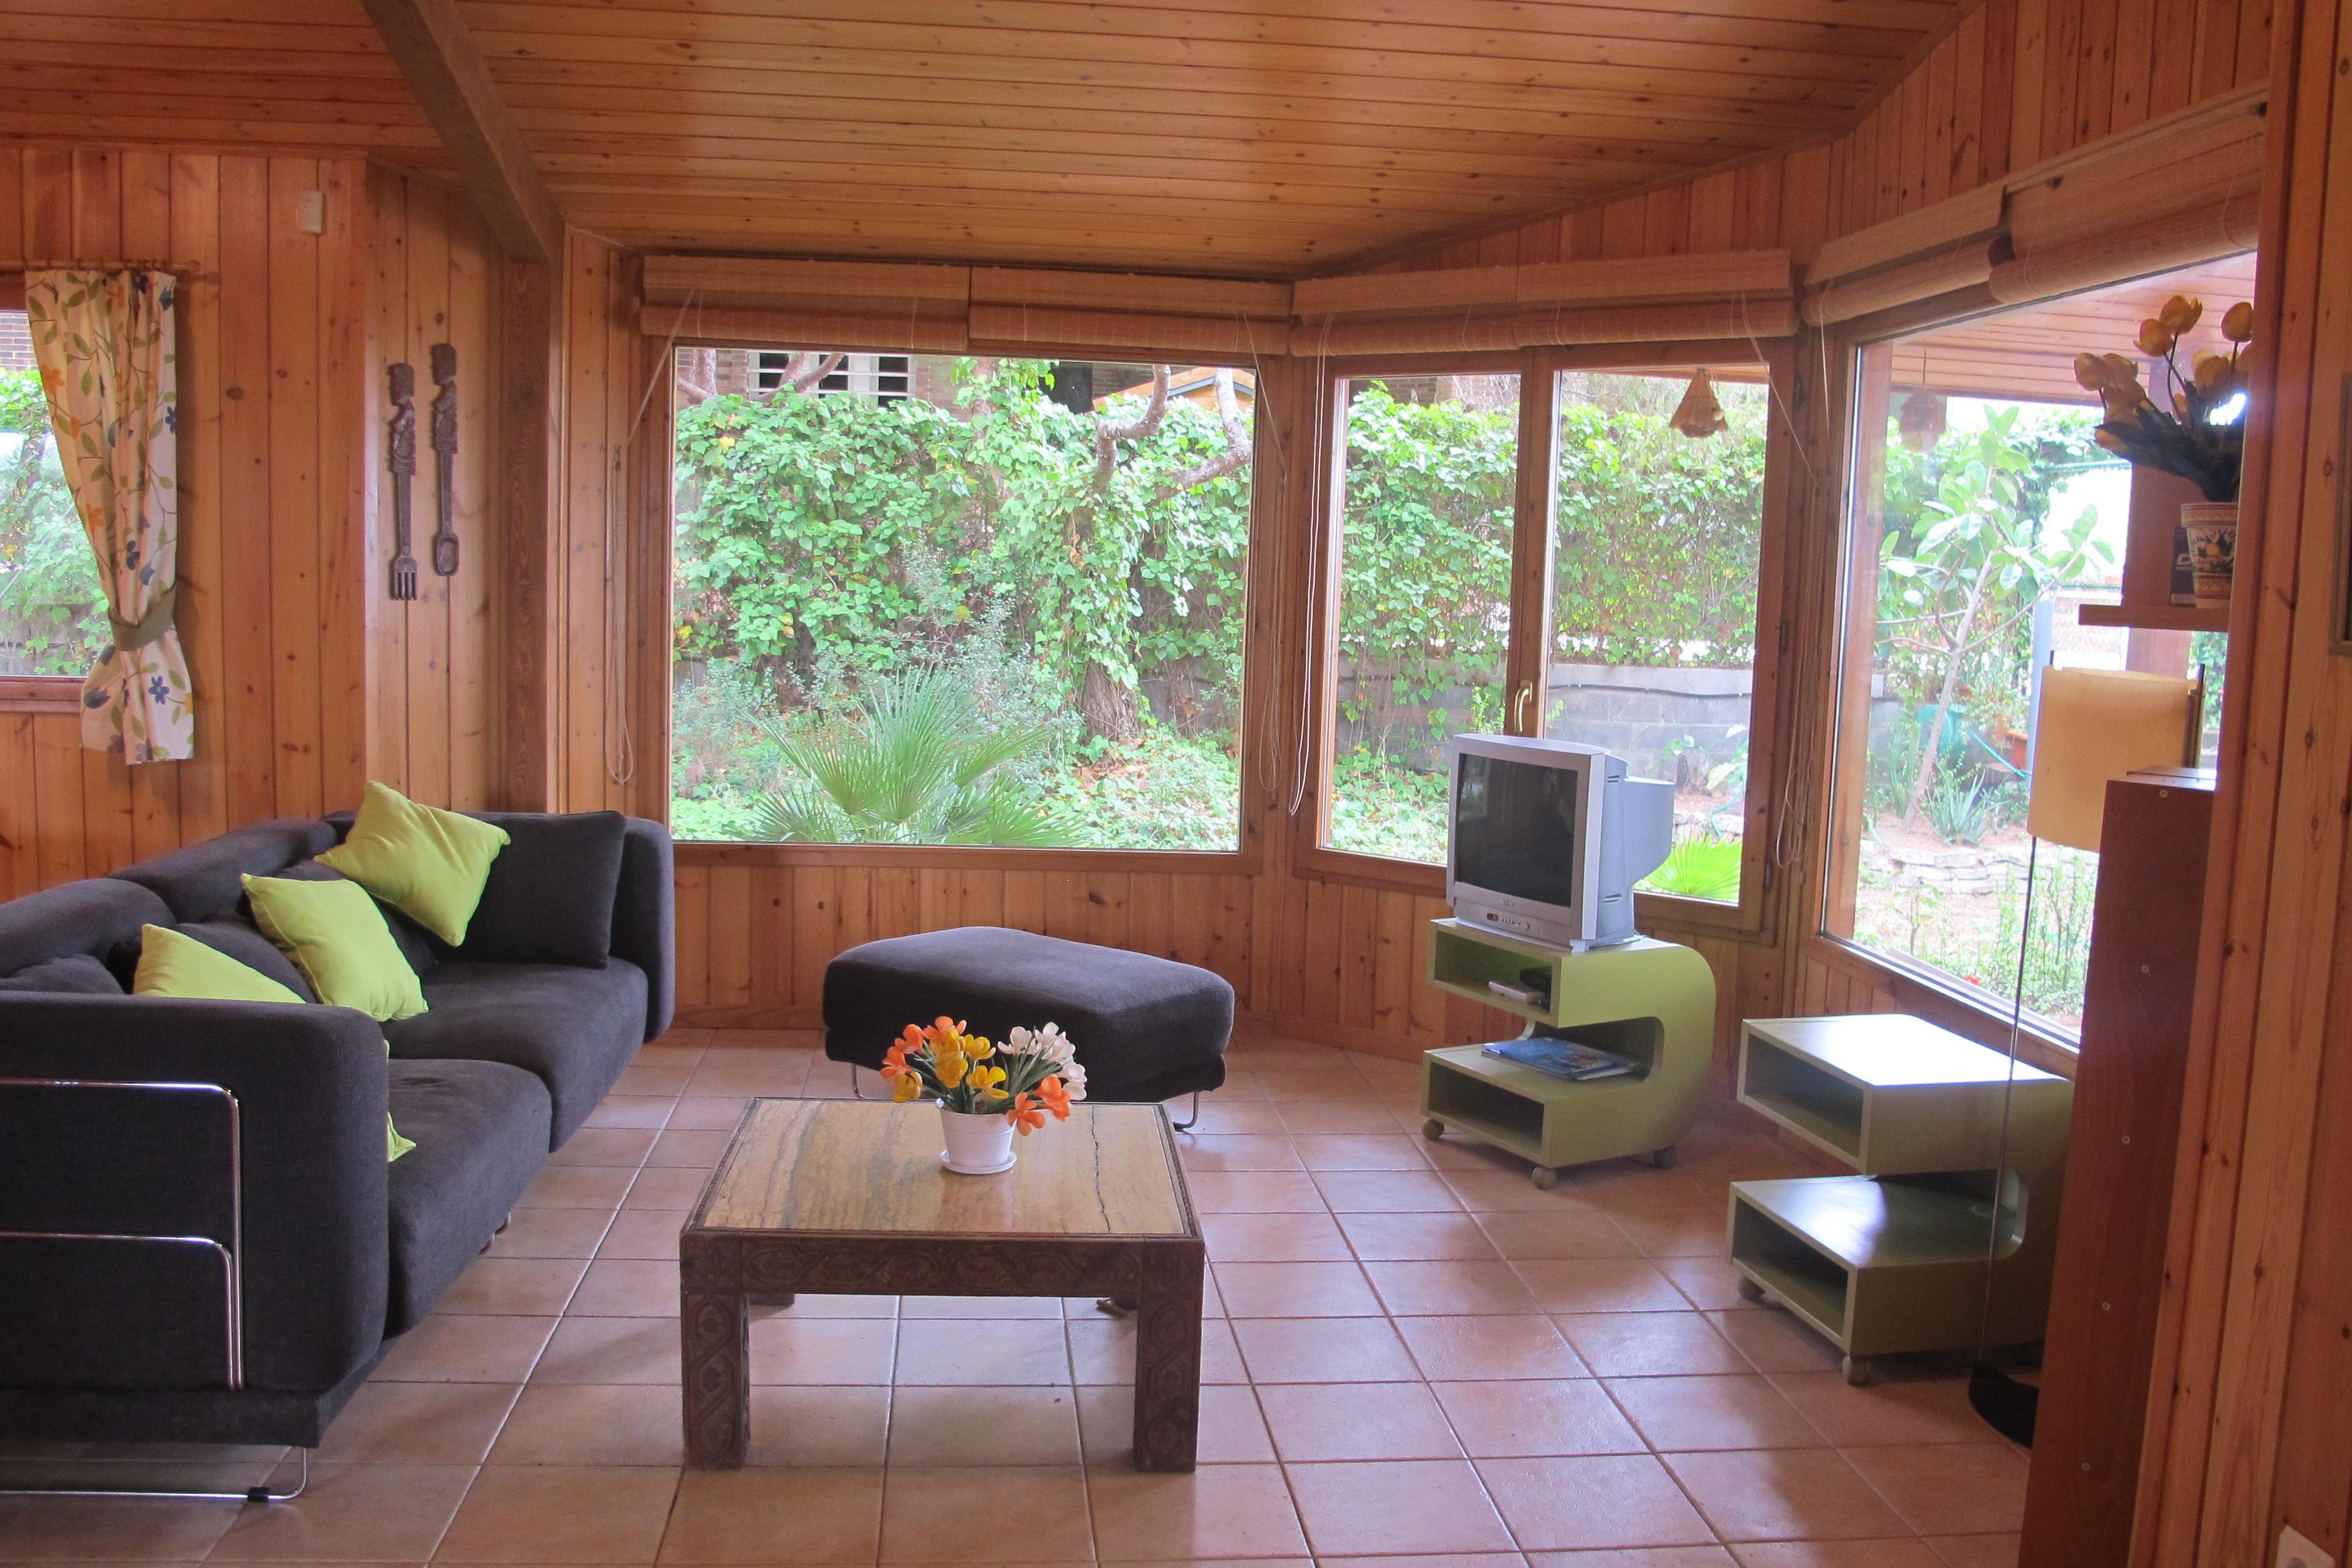 Casa fusta 2